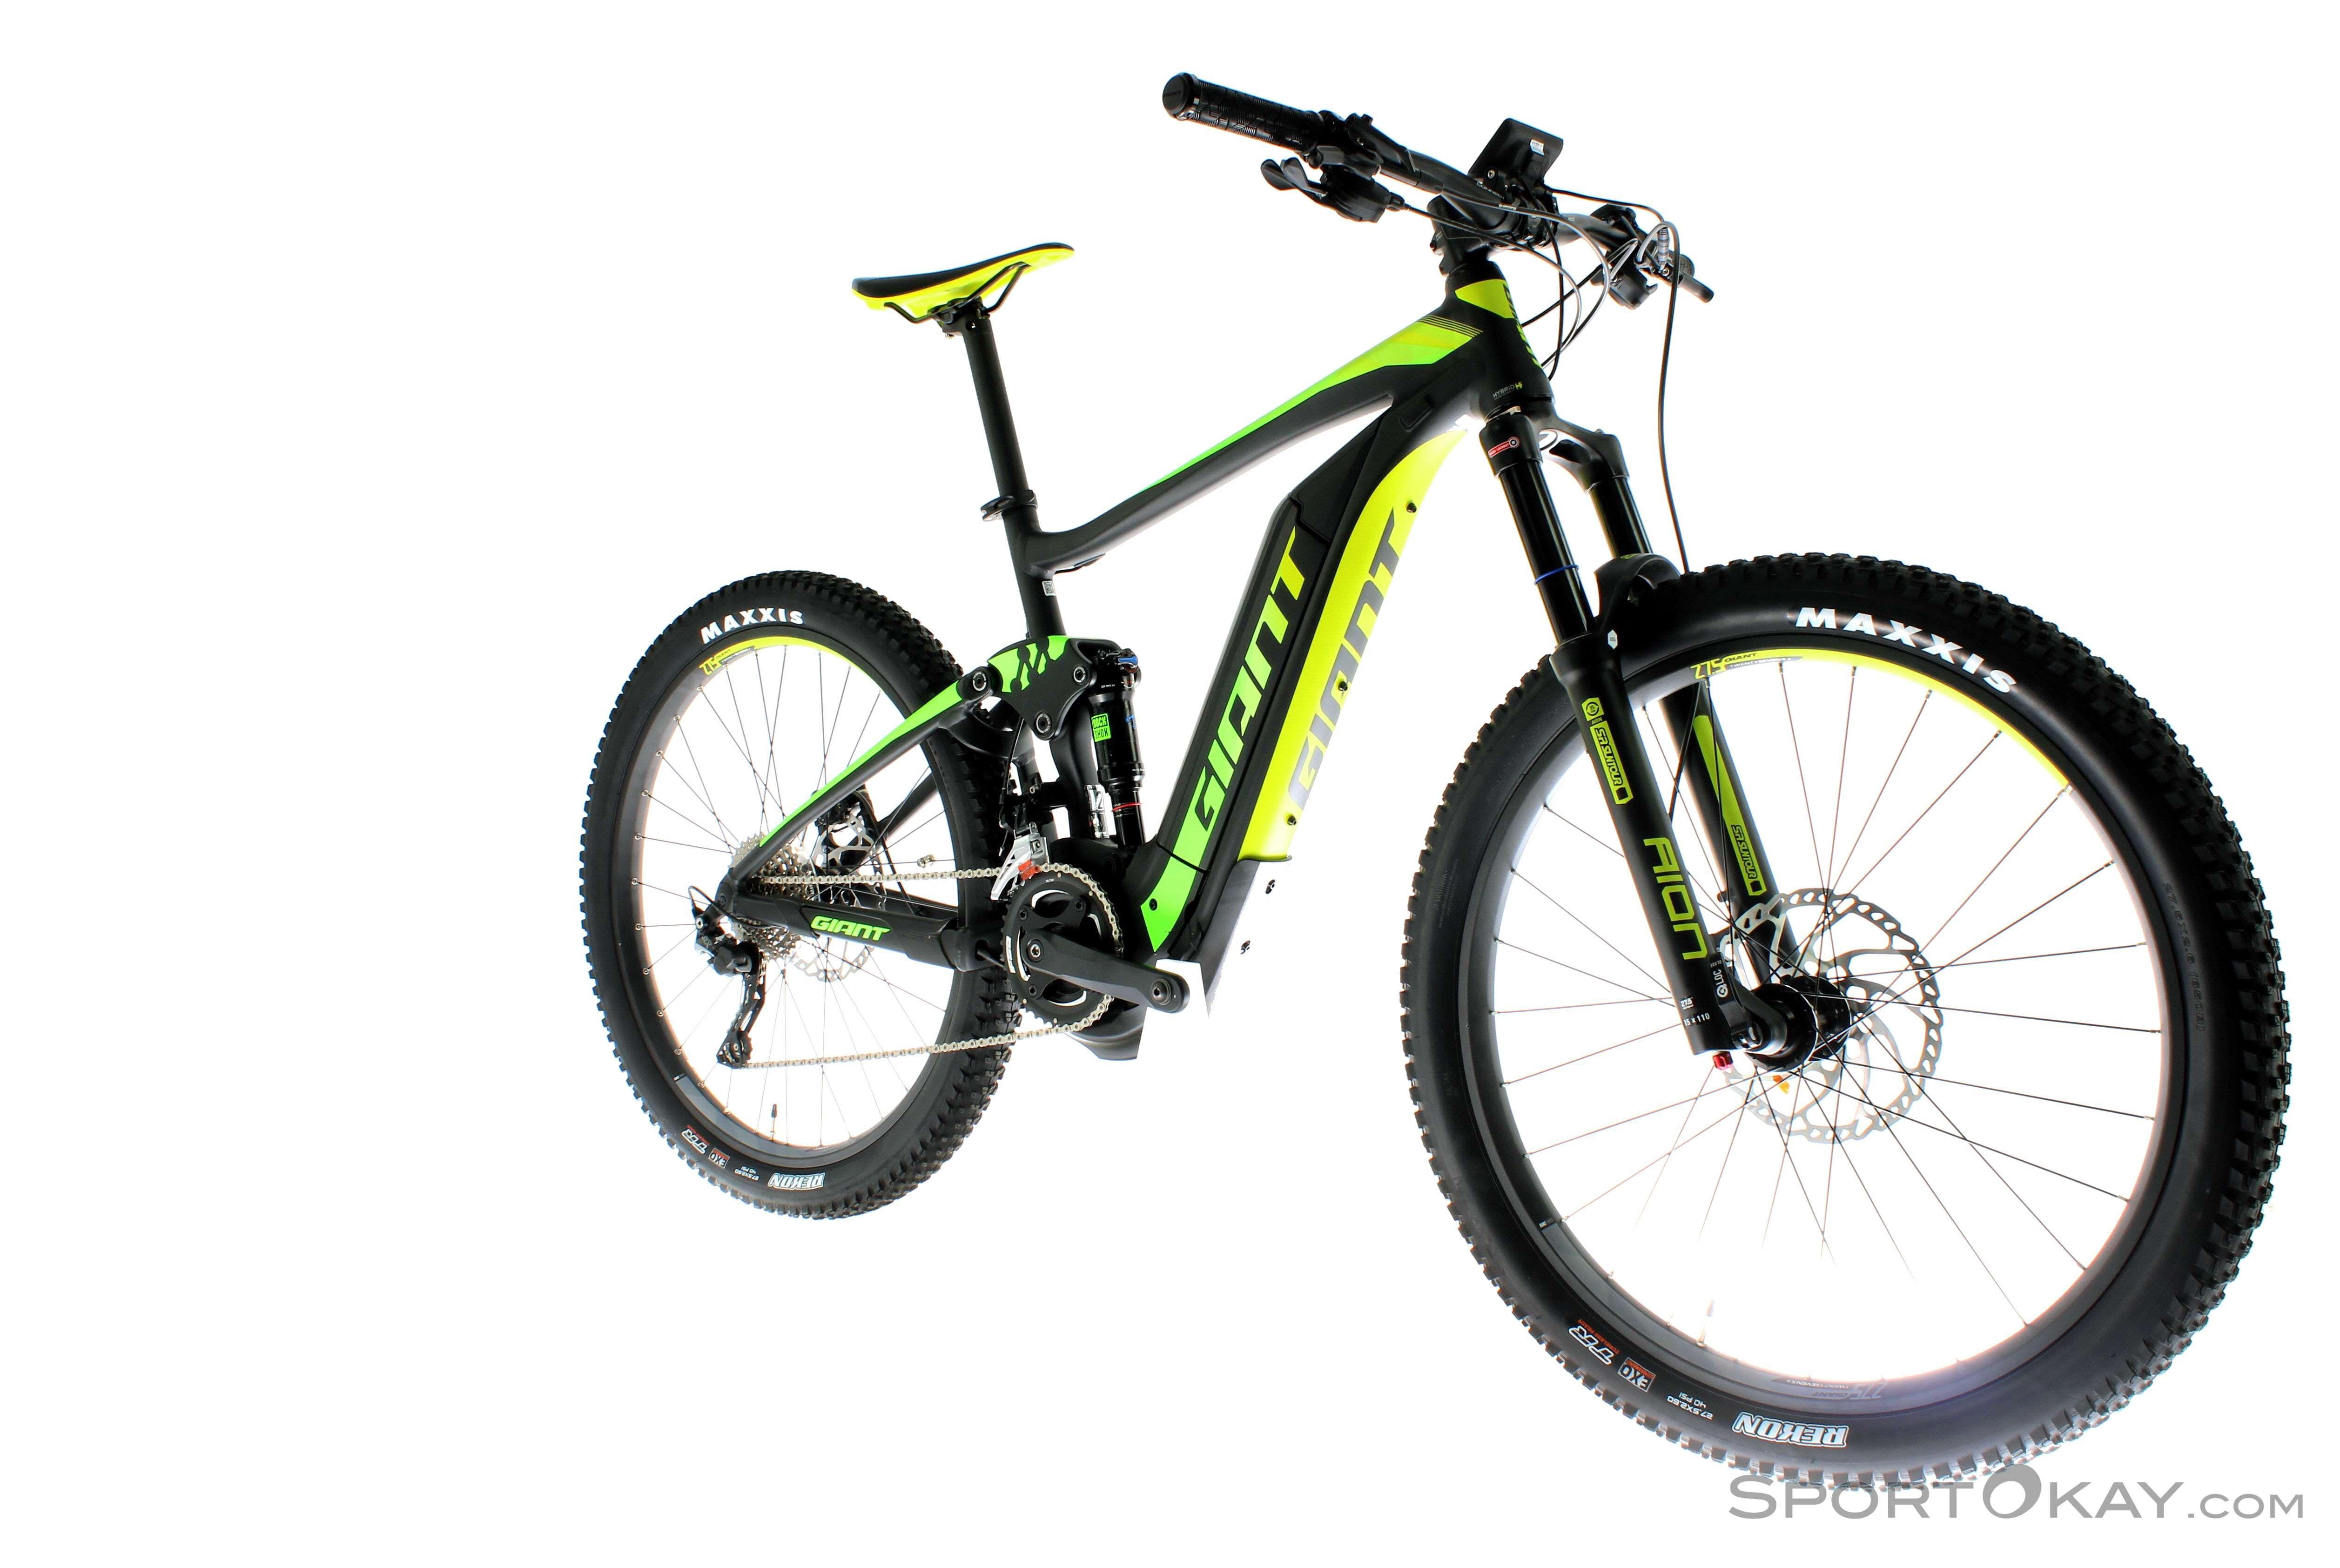 Giant Full E 2 2018 E Bike Bicicletta Trail Bici Elettriche Mountain Bikes Bike Tutti Andare In Bici Bicicletta Bici